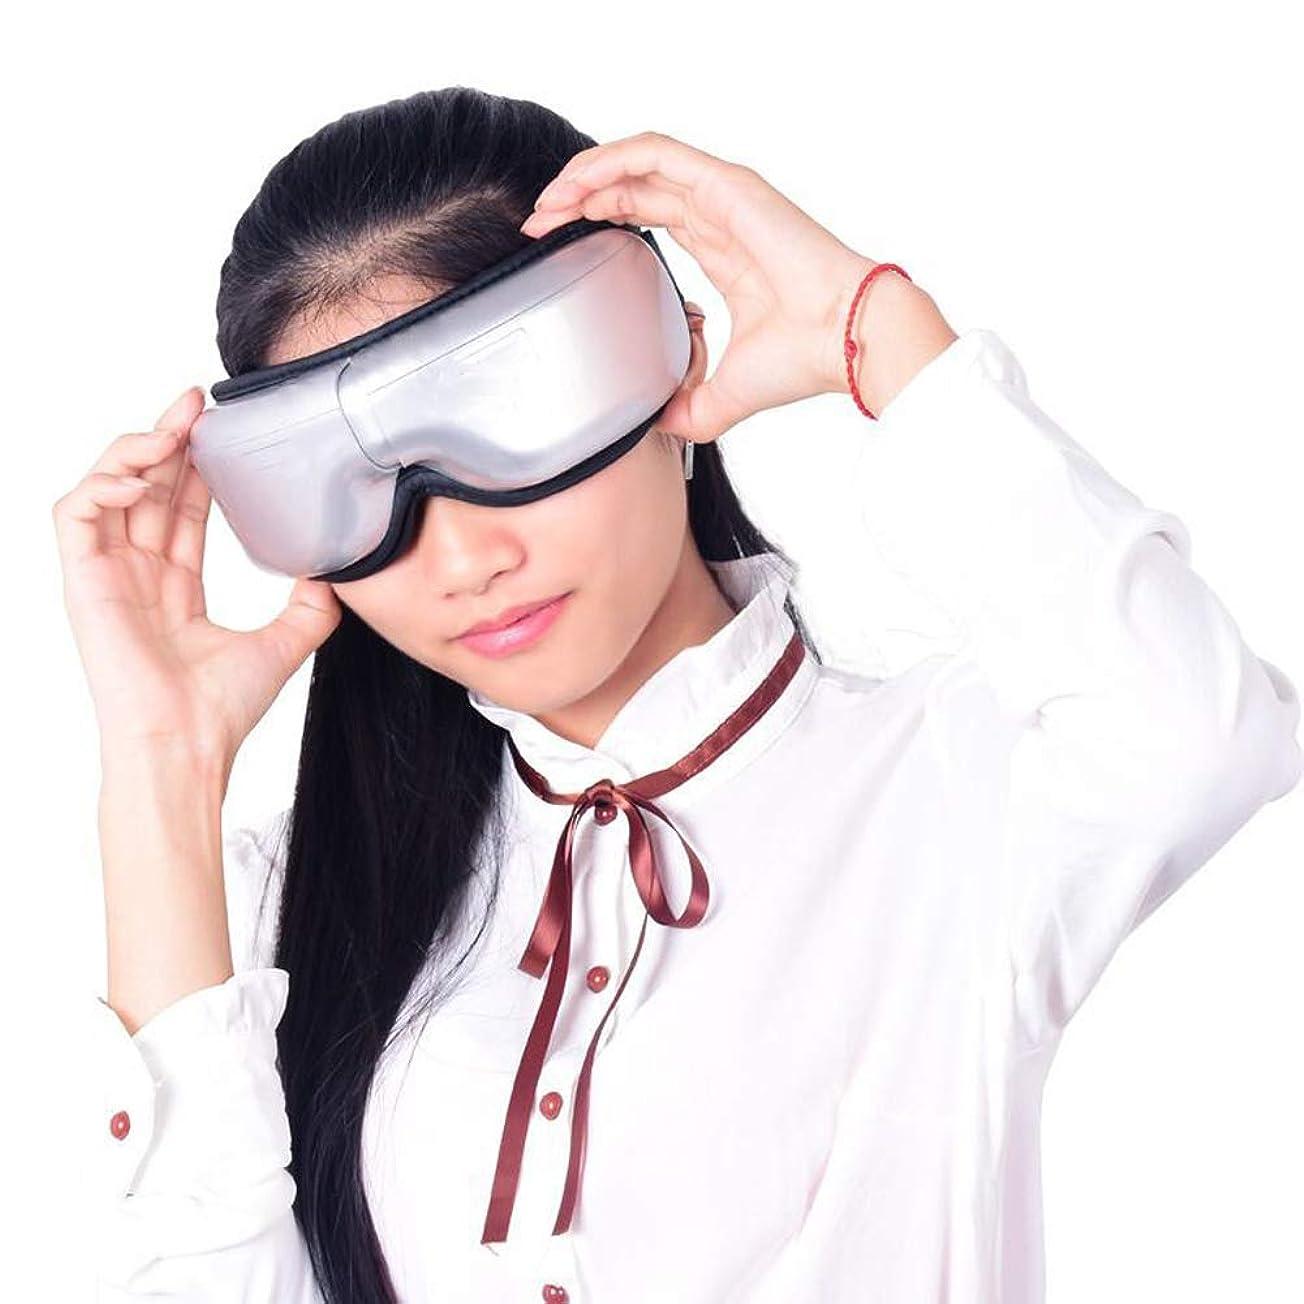 活力読書検索エンジン最適化アイマッサージャー、ダークサークルとアイバッグを除去するための電気ワイヤレスアイプロテクター\トレーニングビジョン\眼精疲労の軽減